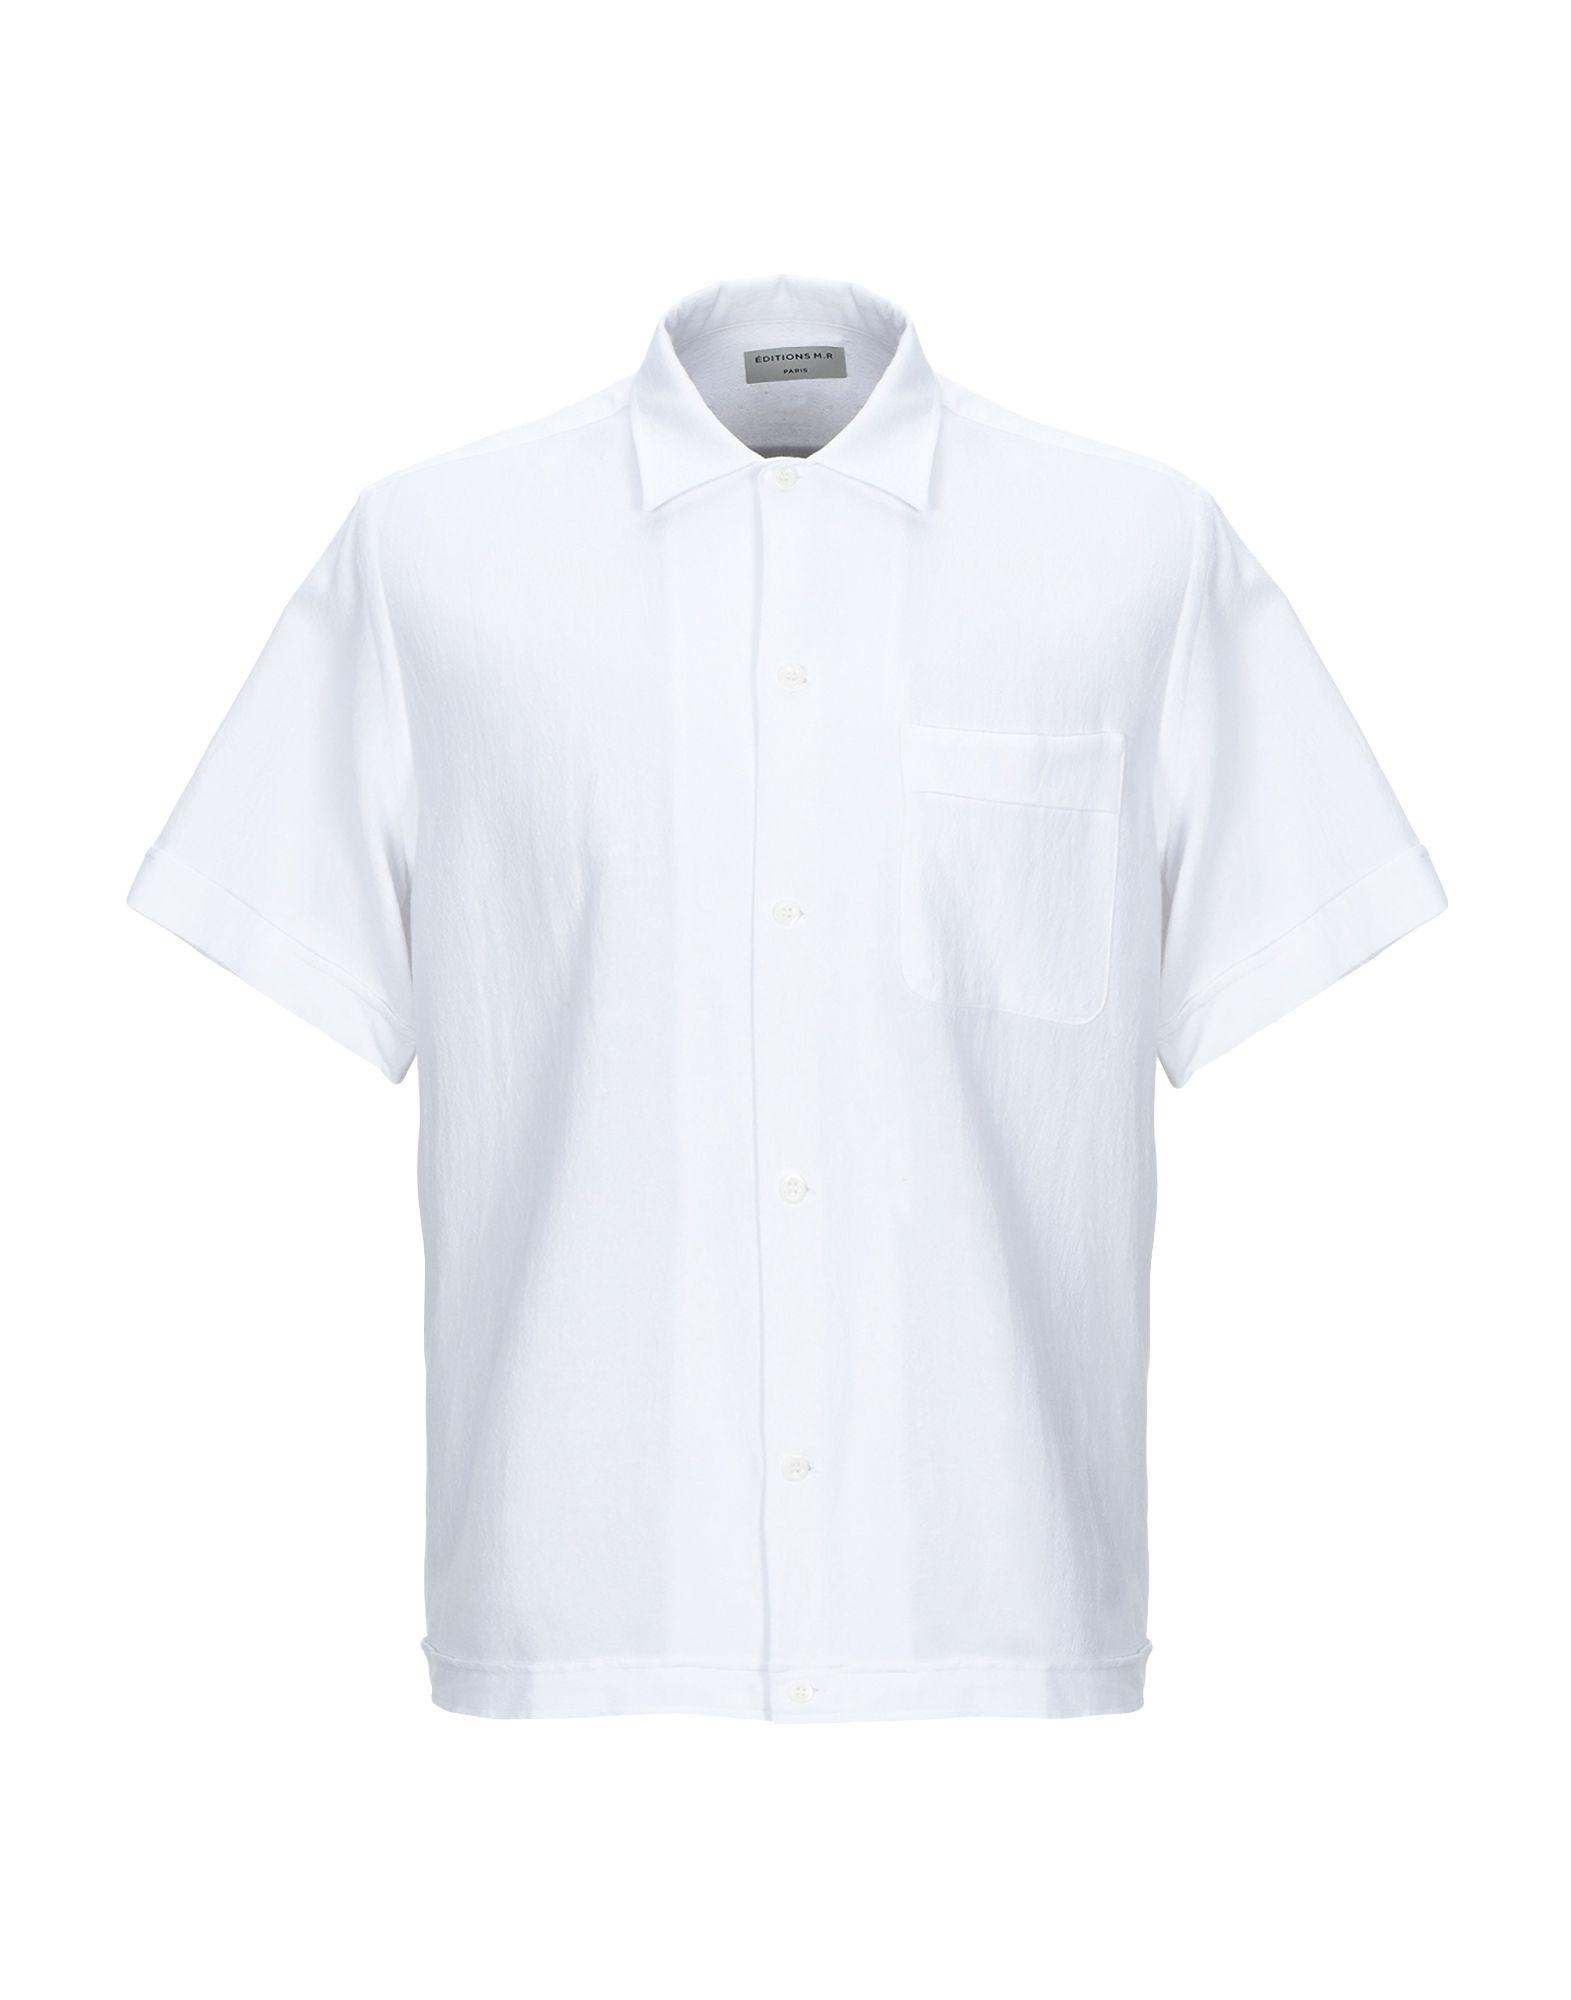 《セール開催中》?DITIONS M.R メンズ シャツ ホワイト 37 レーヨン 45% / 麻 32% / コットン 23%